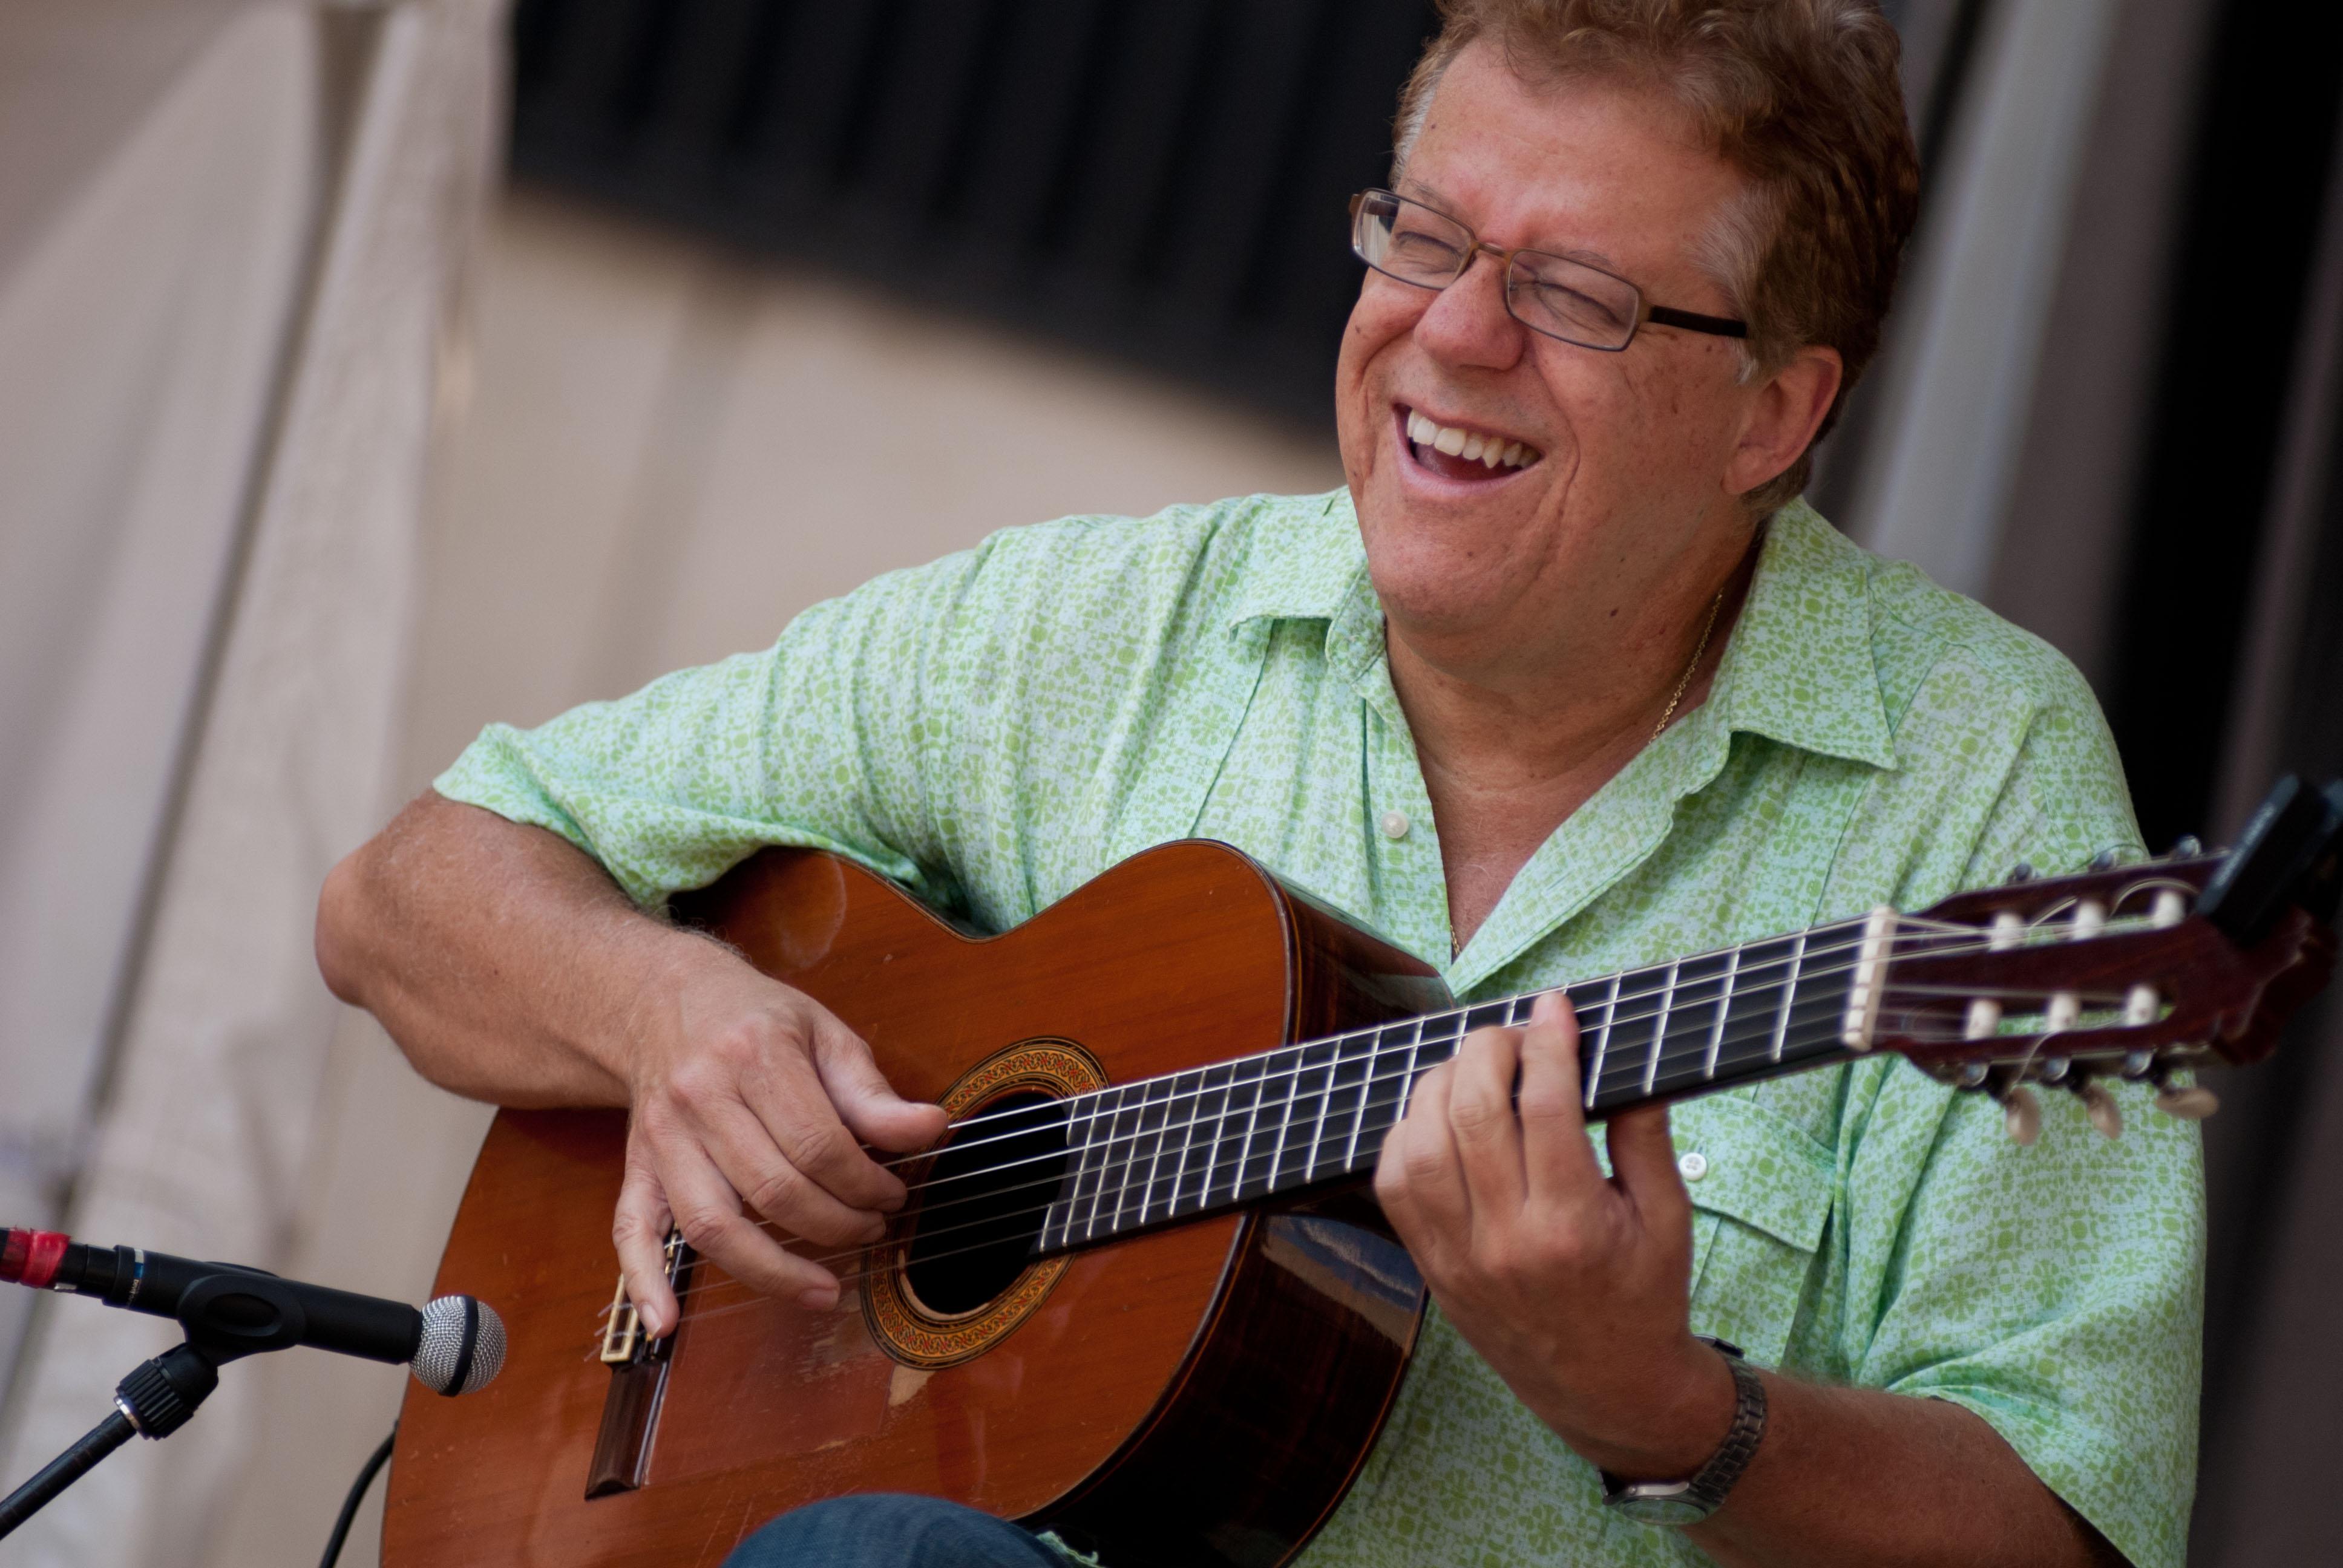 Romero Lubambo